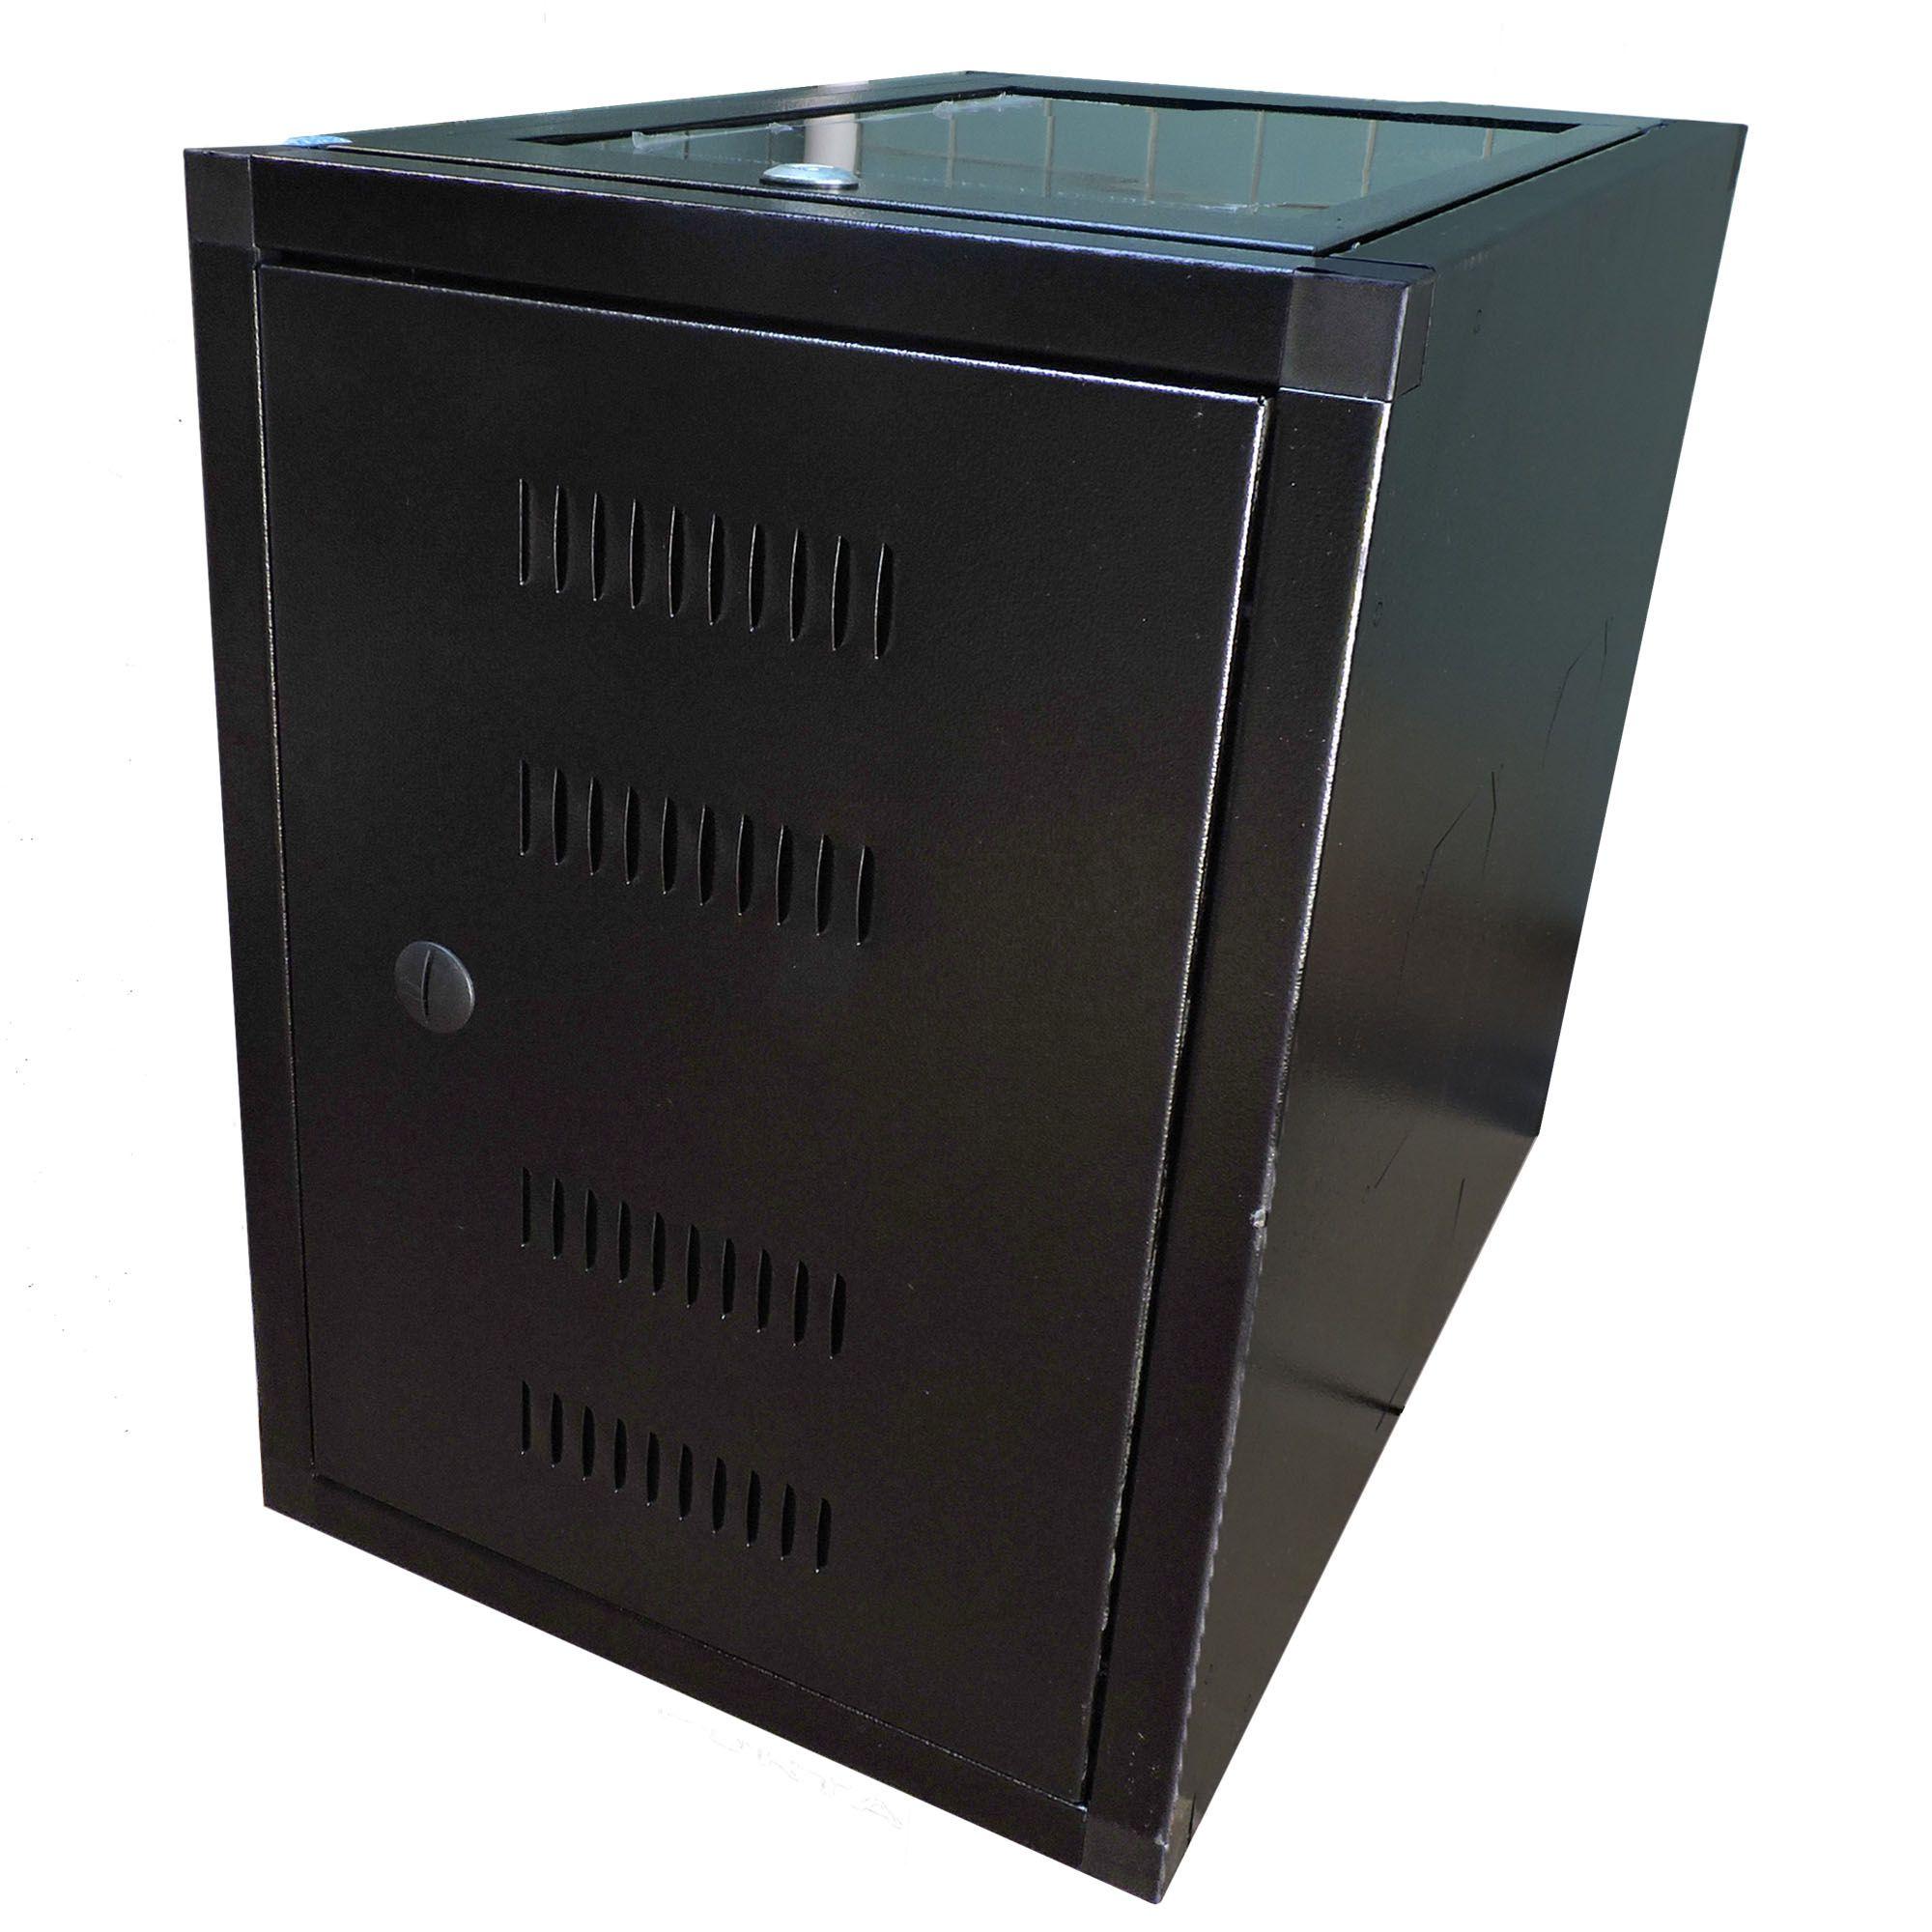 Mini Rack de parede 6U X 570 preto texturizado - W